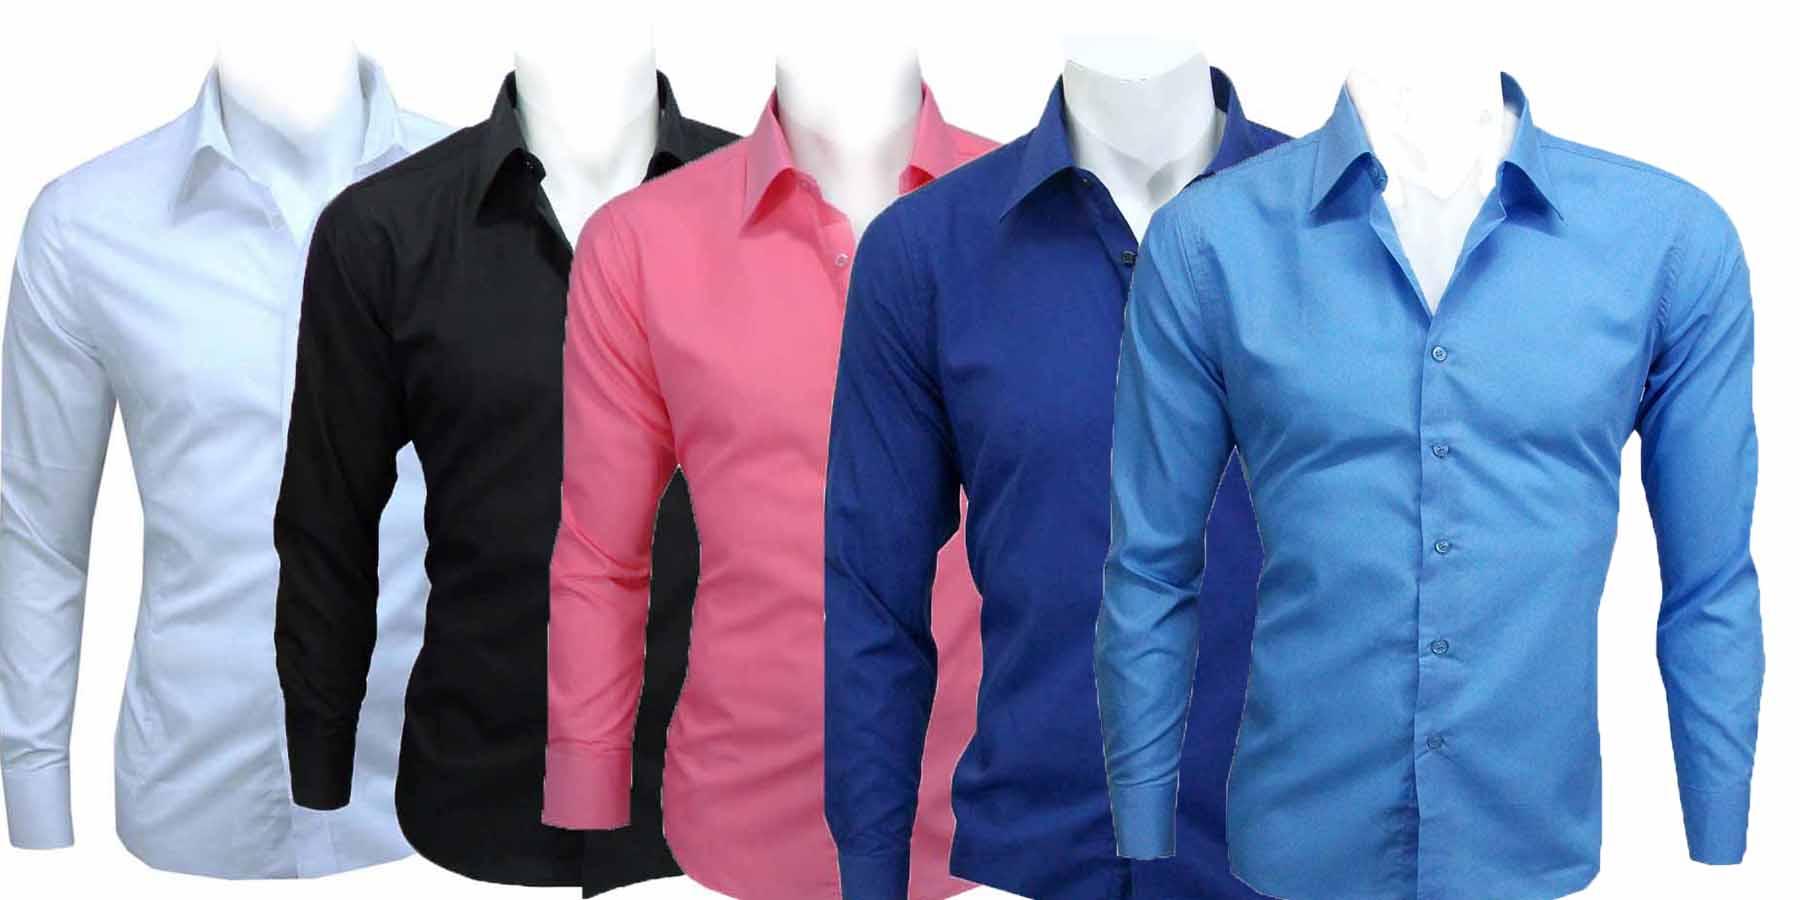 Voglia di colore? Nelle occasioni più informali una camicia colorata può essere l'elemento focale del tuo look!